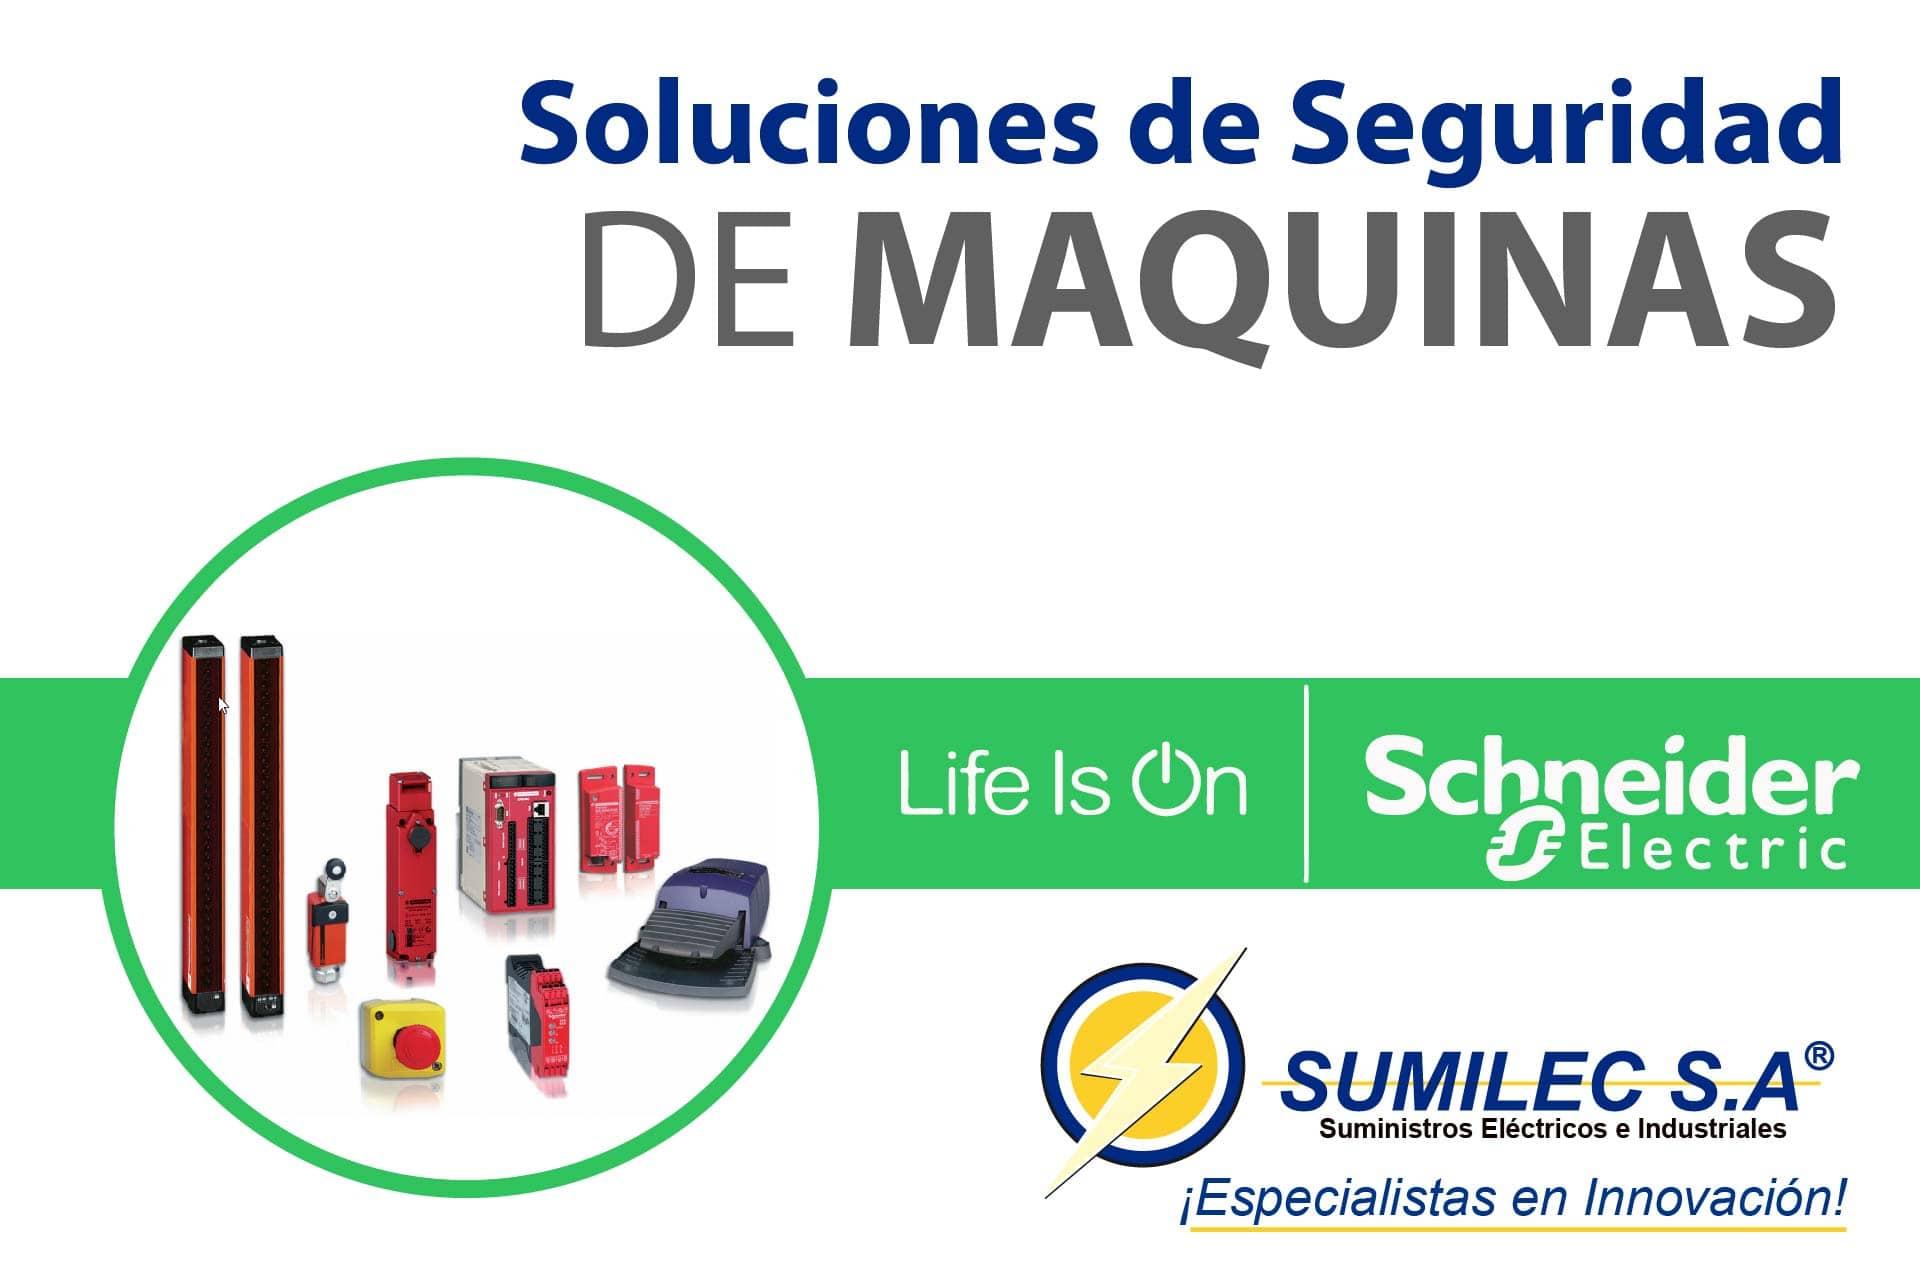 Soluciones de seguridad para maquinas! Schneider